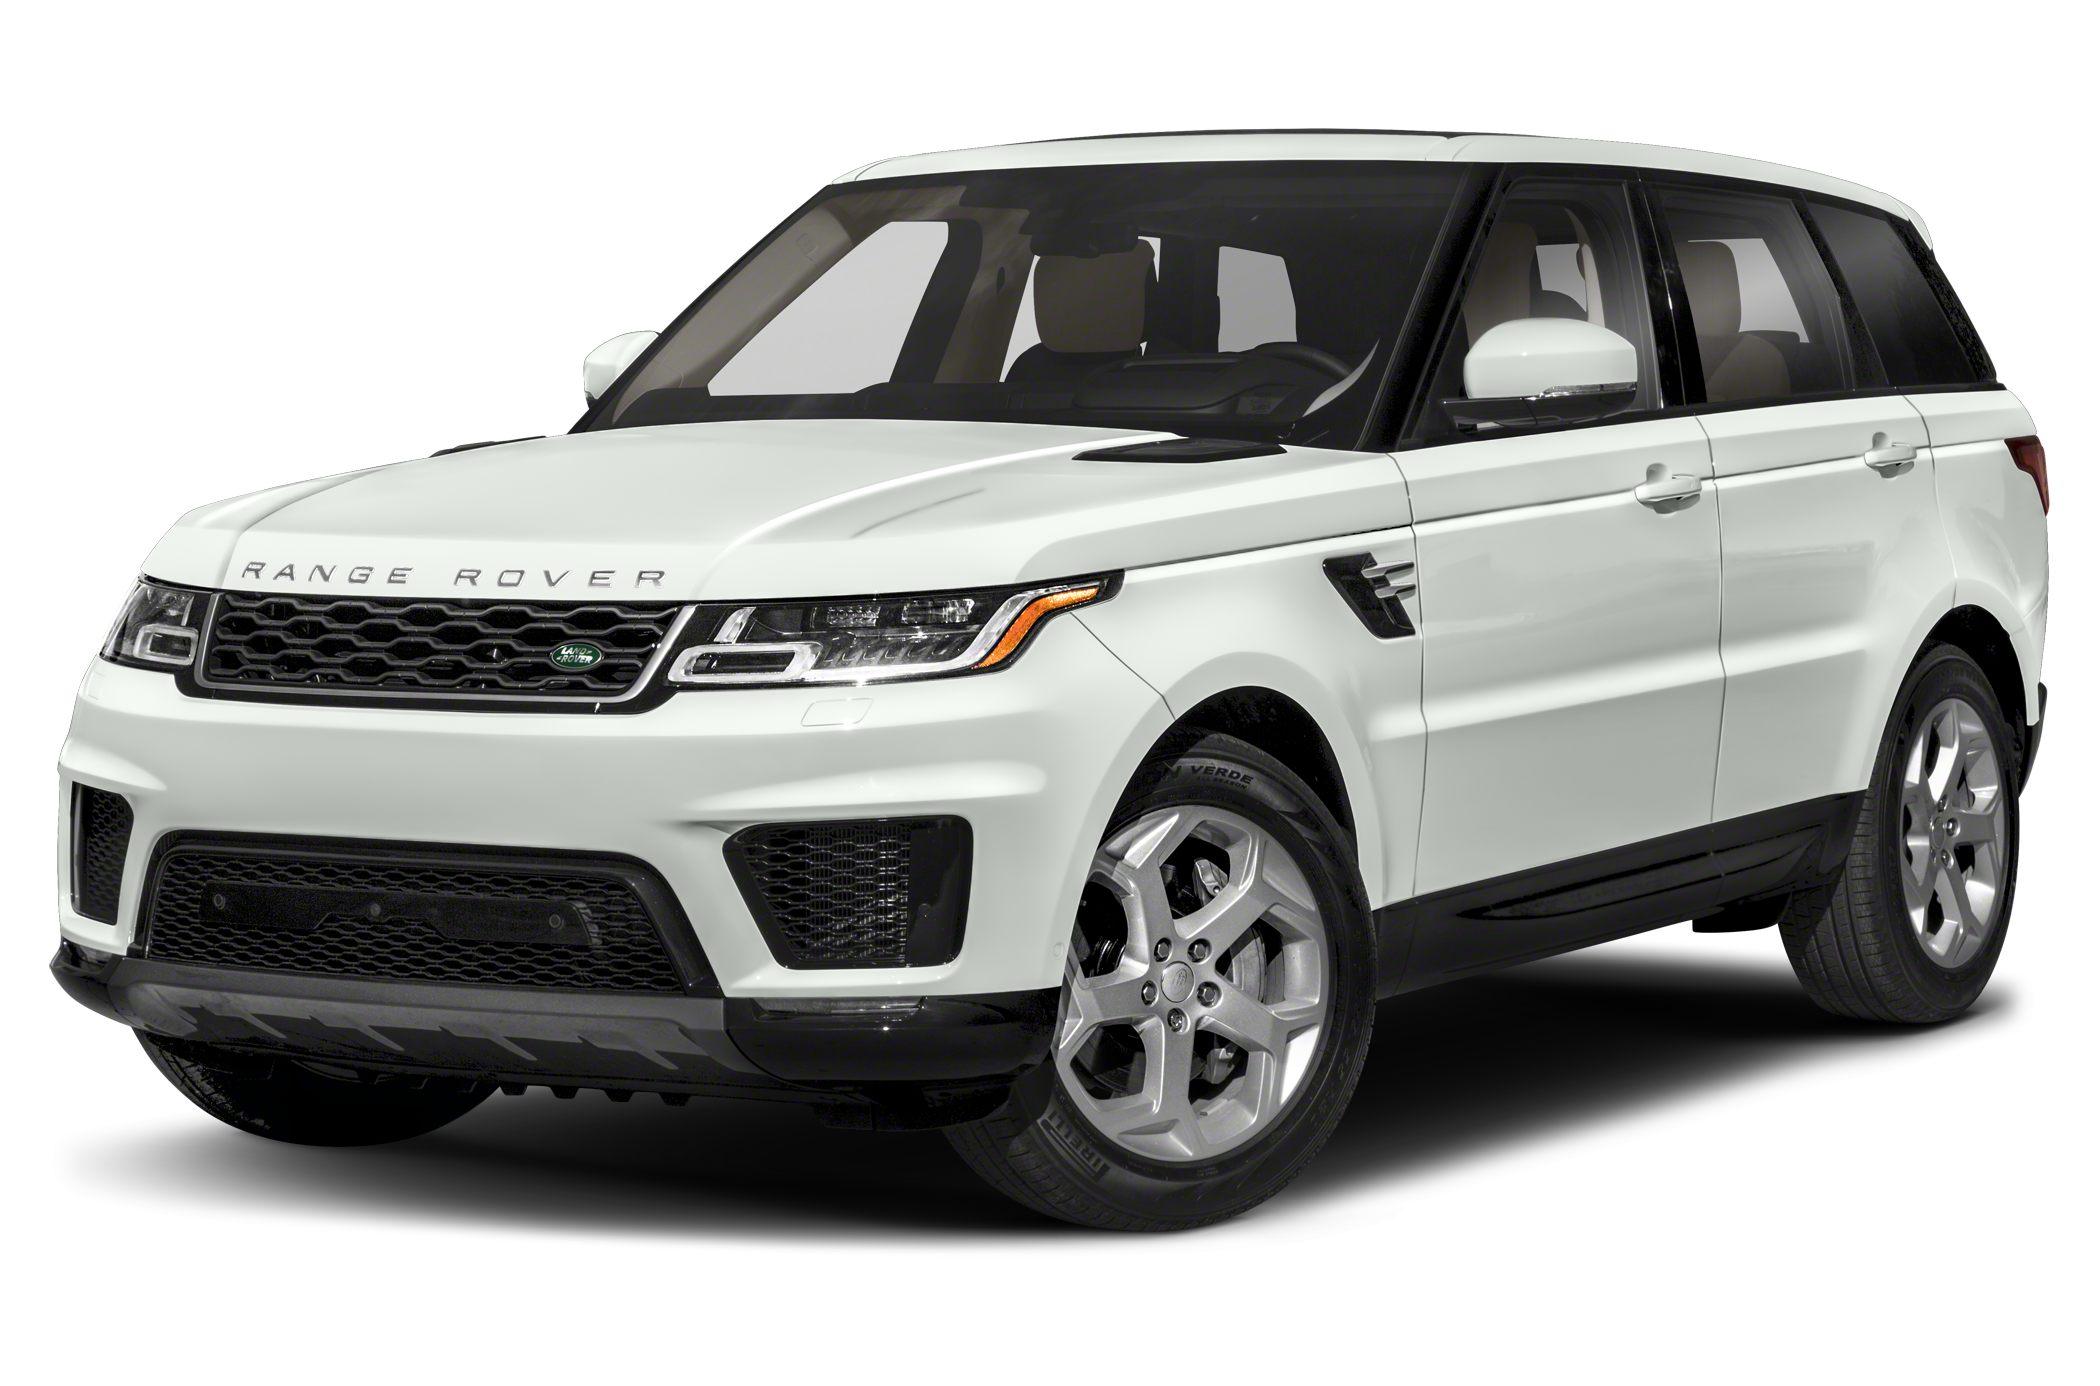 Spiksplinternieuw 2019 Land Rover Range Rover Sport Pictures | Autoblog FO-08